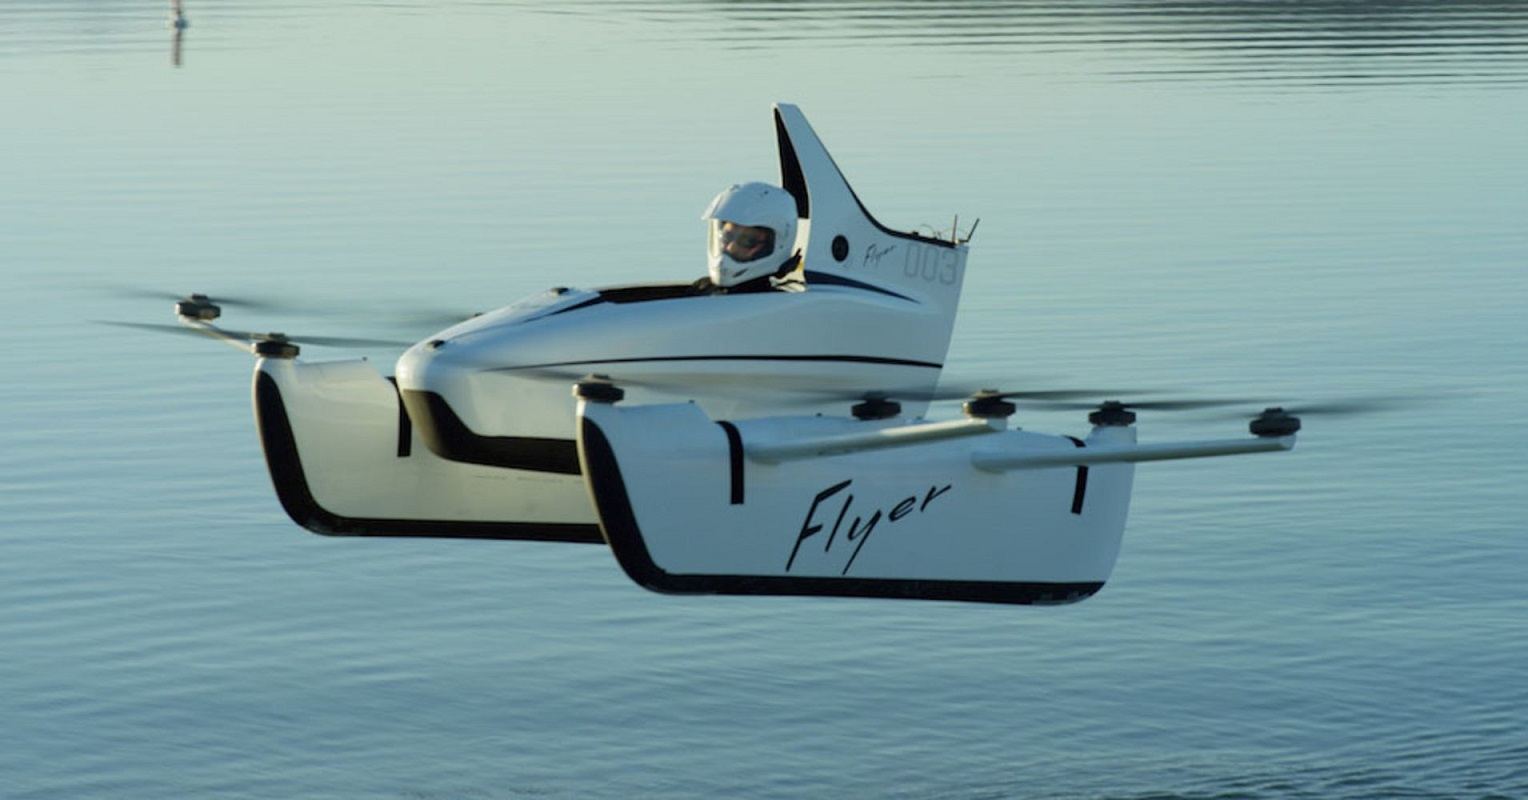 O bilionário dono do Google, Larry Page, conseguiu uma autorização recente das autoridades da Nova Zelândia para desenvolver e testar no país um sistema de táxis voadores.